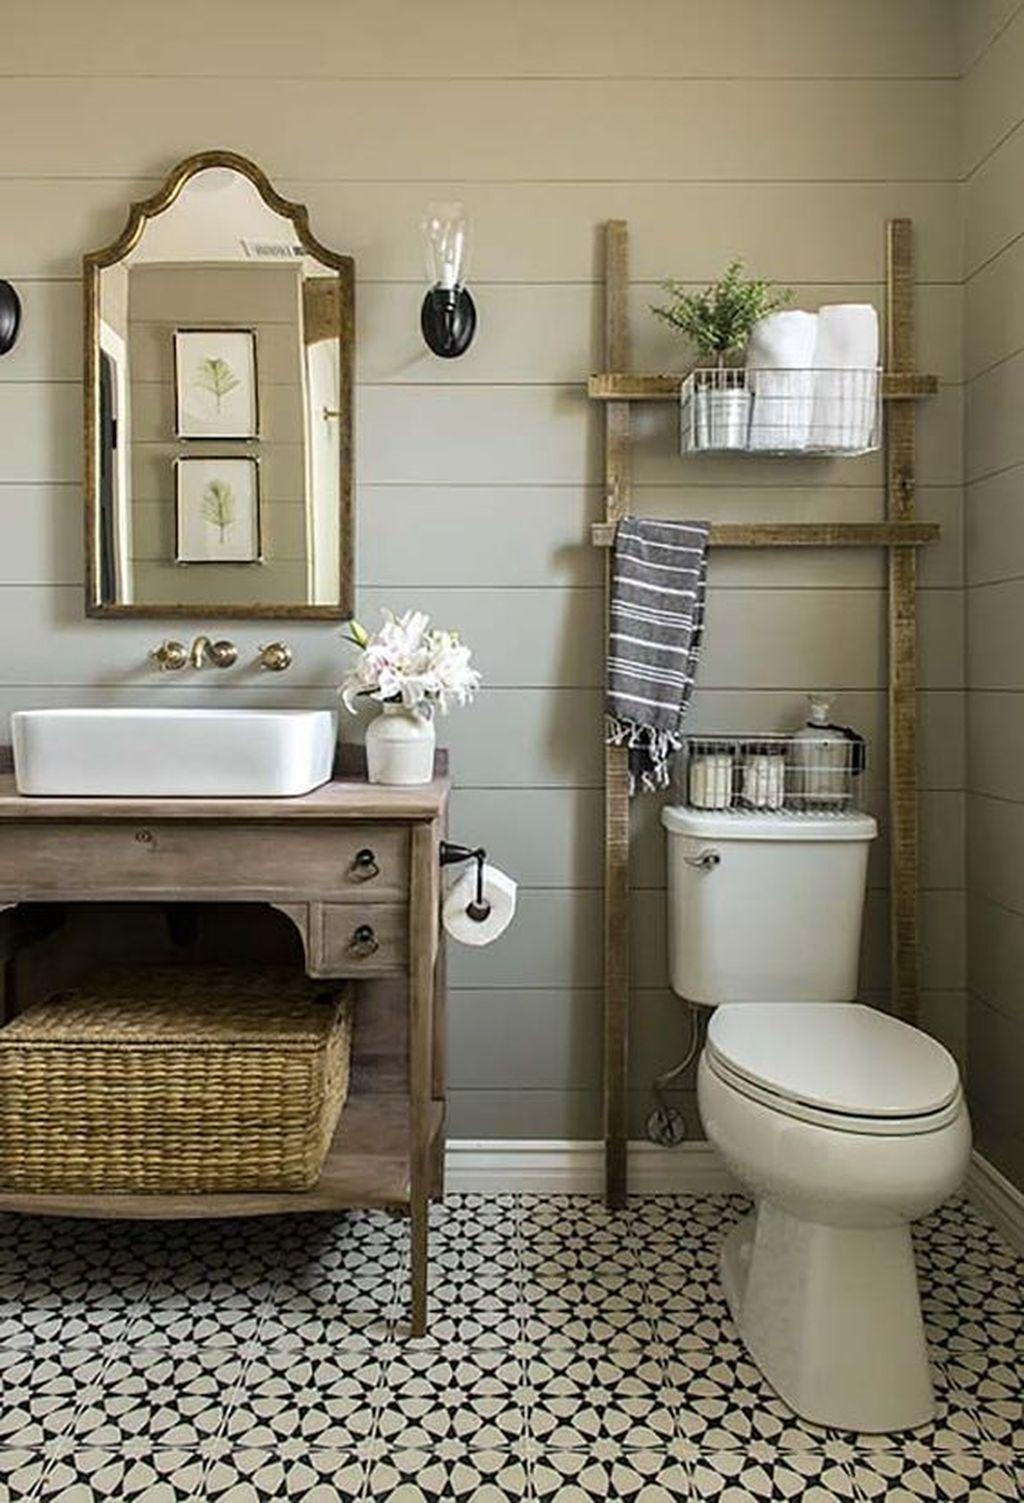 Modern Farmhouse Bathroom Remodel Ideas Modern Farmhouse - Inexpensive ways to remodel a bathroom